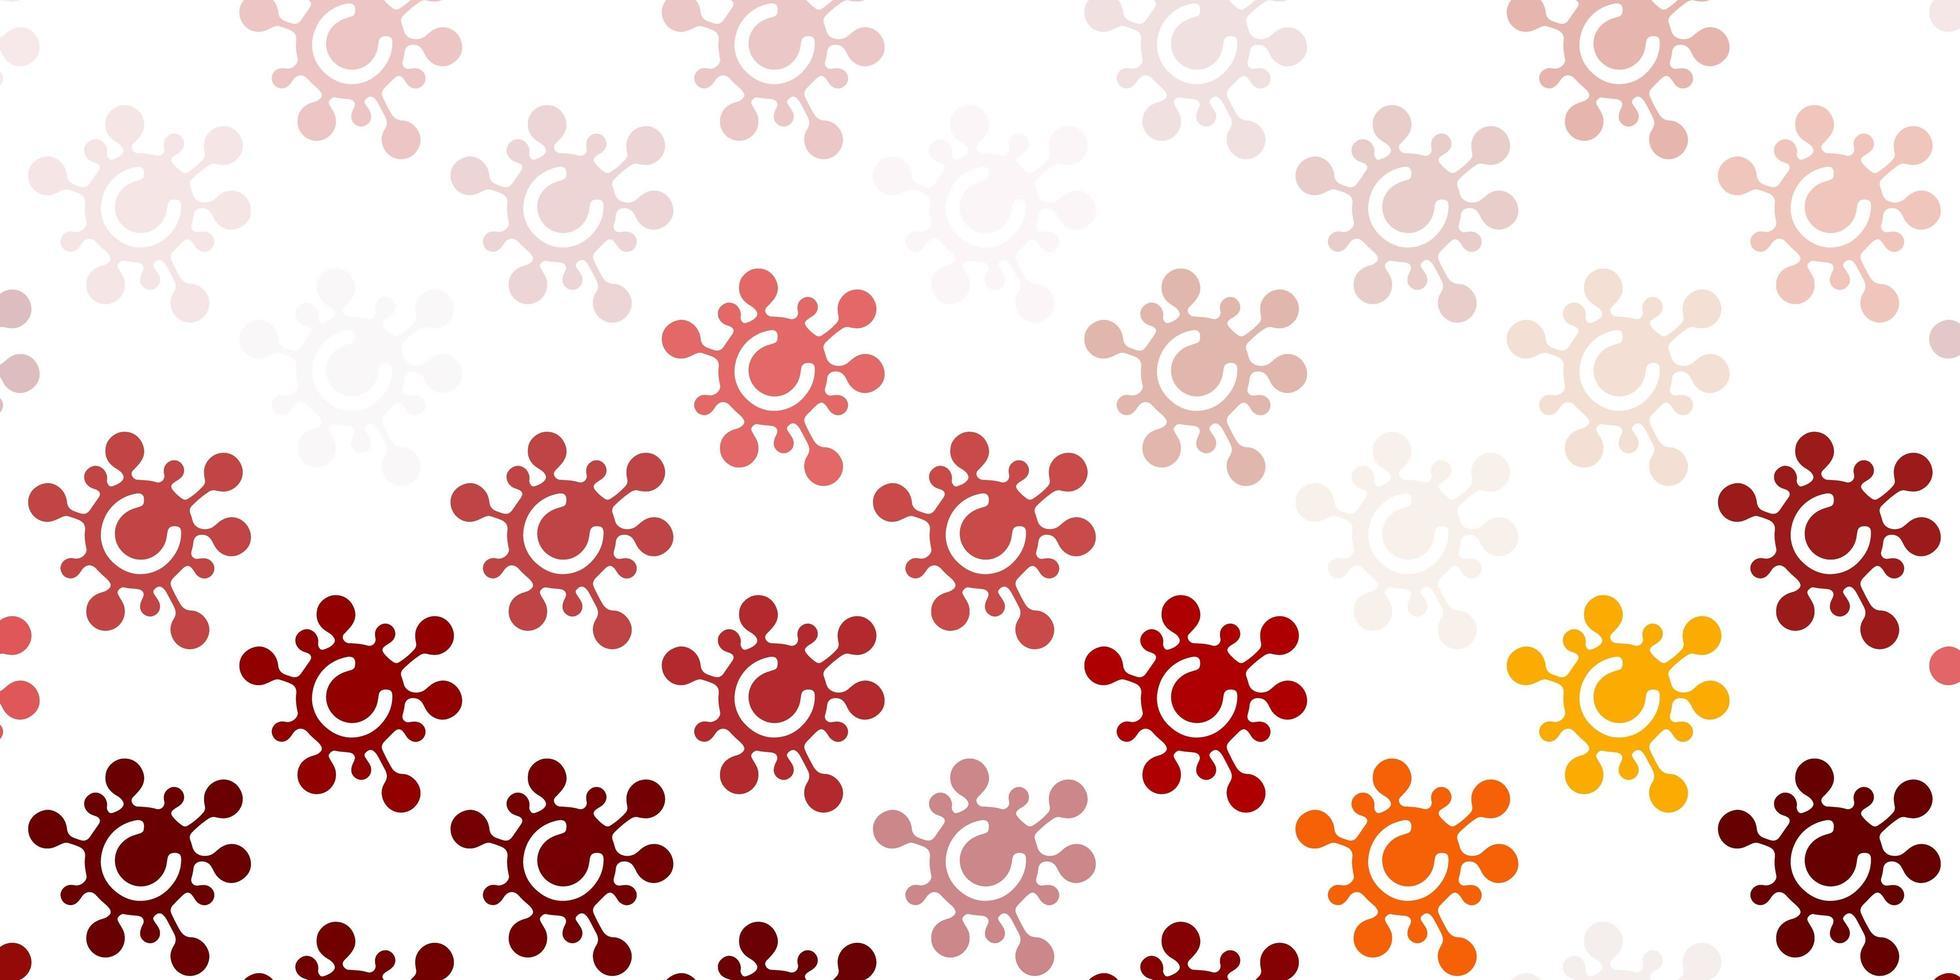 pano de fundo vermelho e amarelo claro com símbolos de vírus. vetor